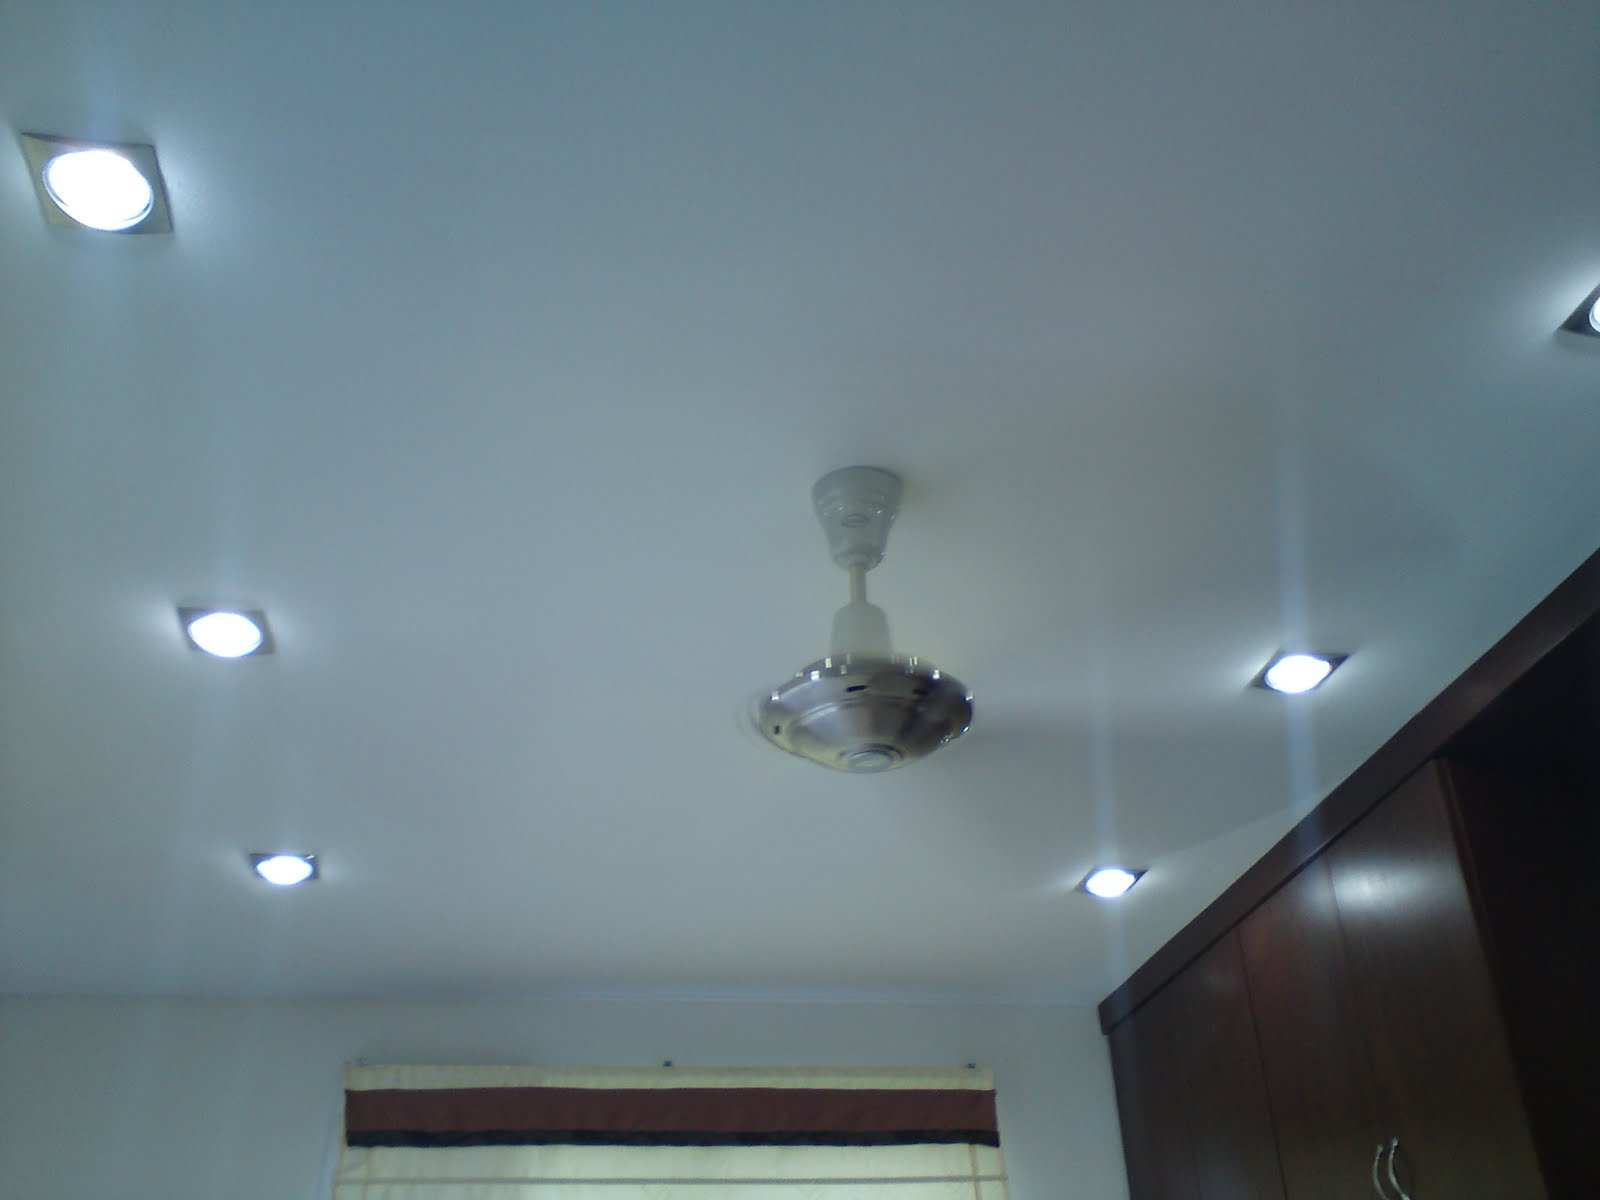 Lampu Siling Ruang Tamu  Desainrumahidcom